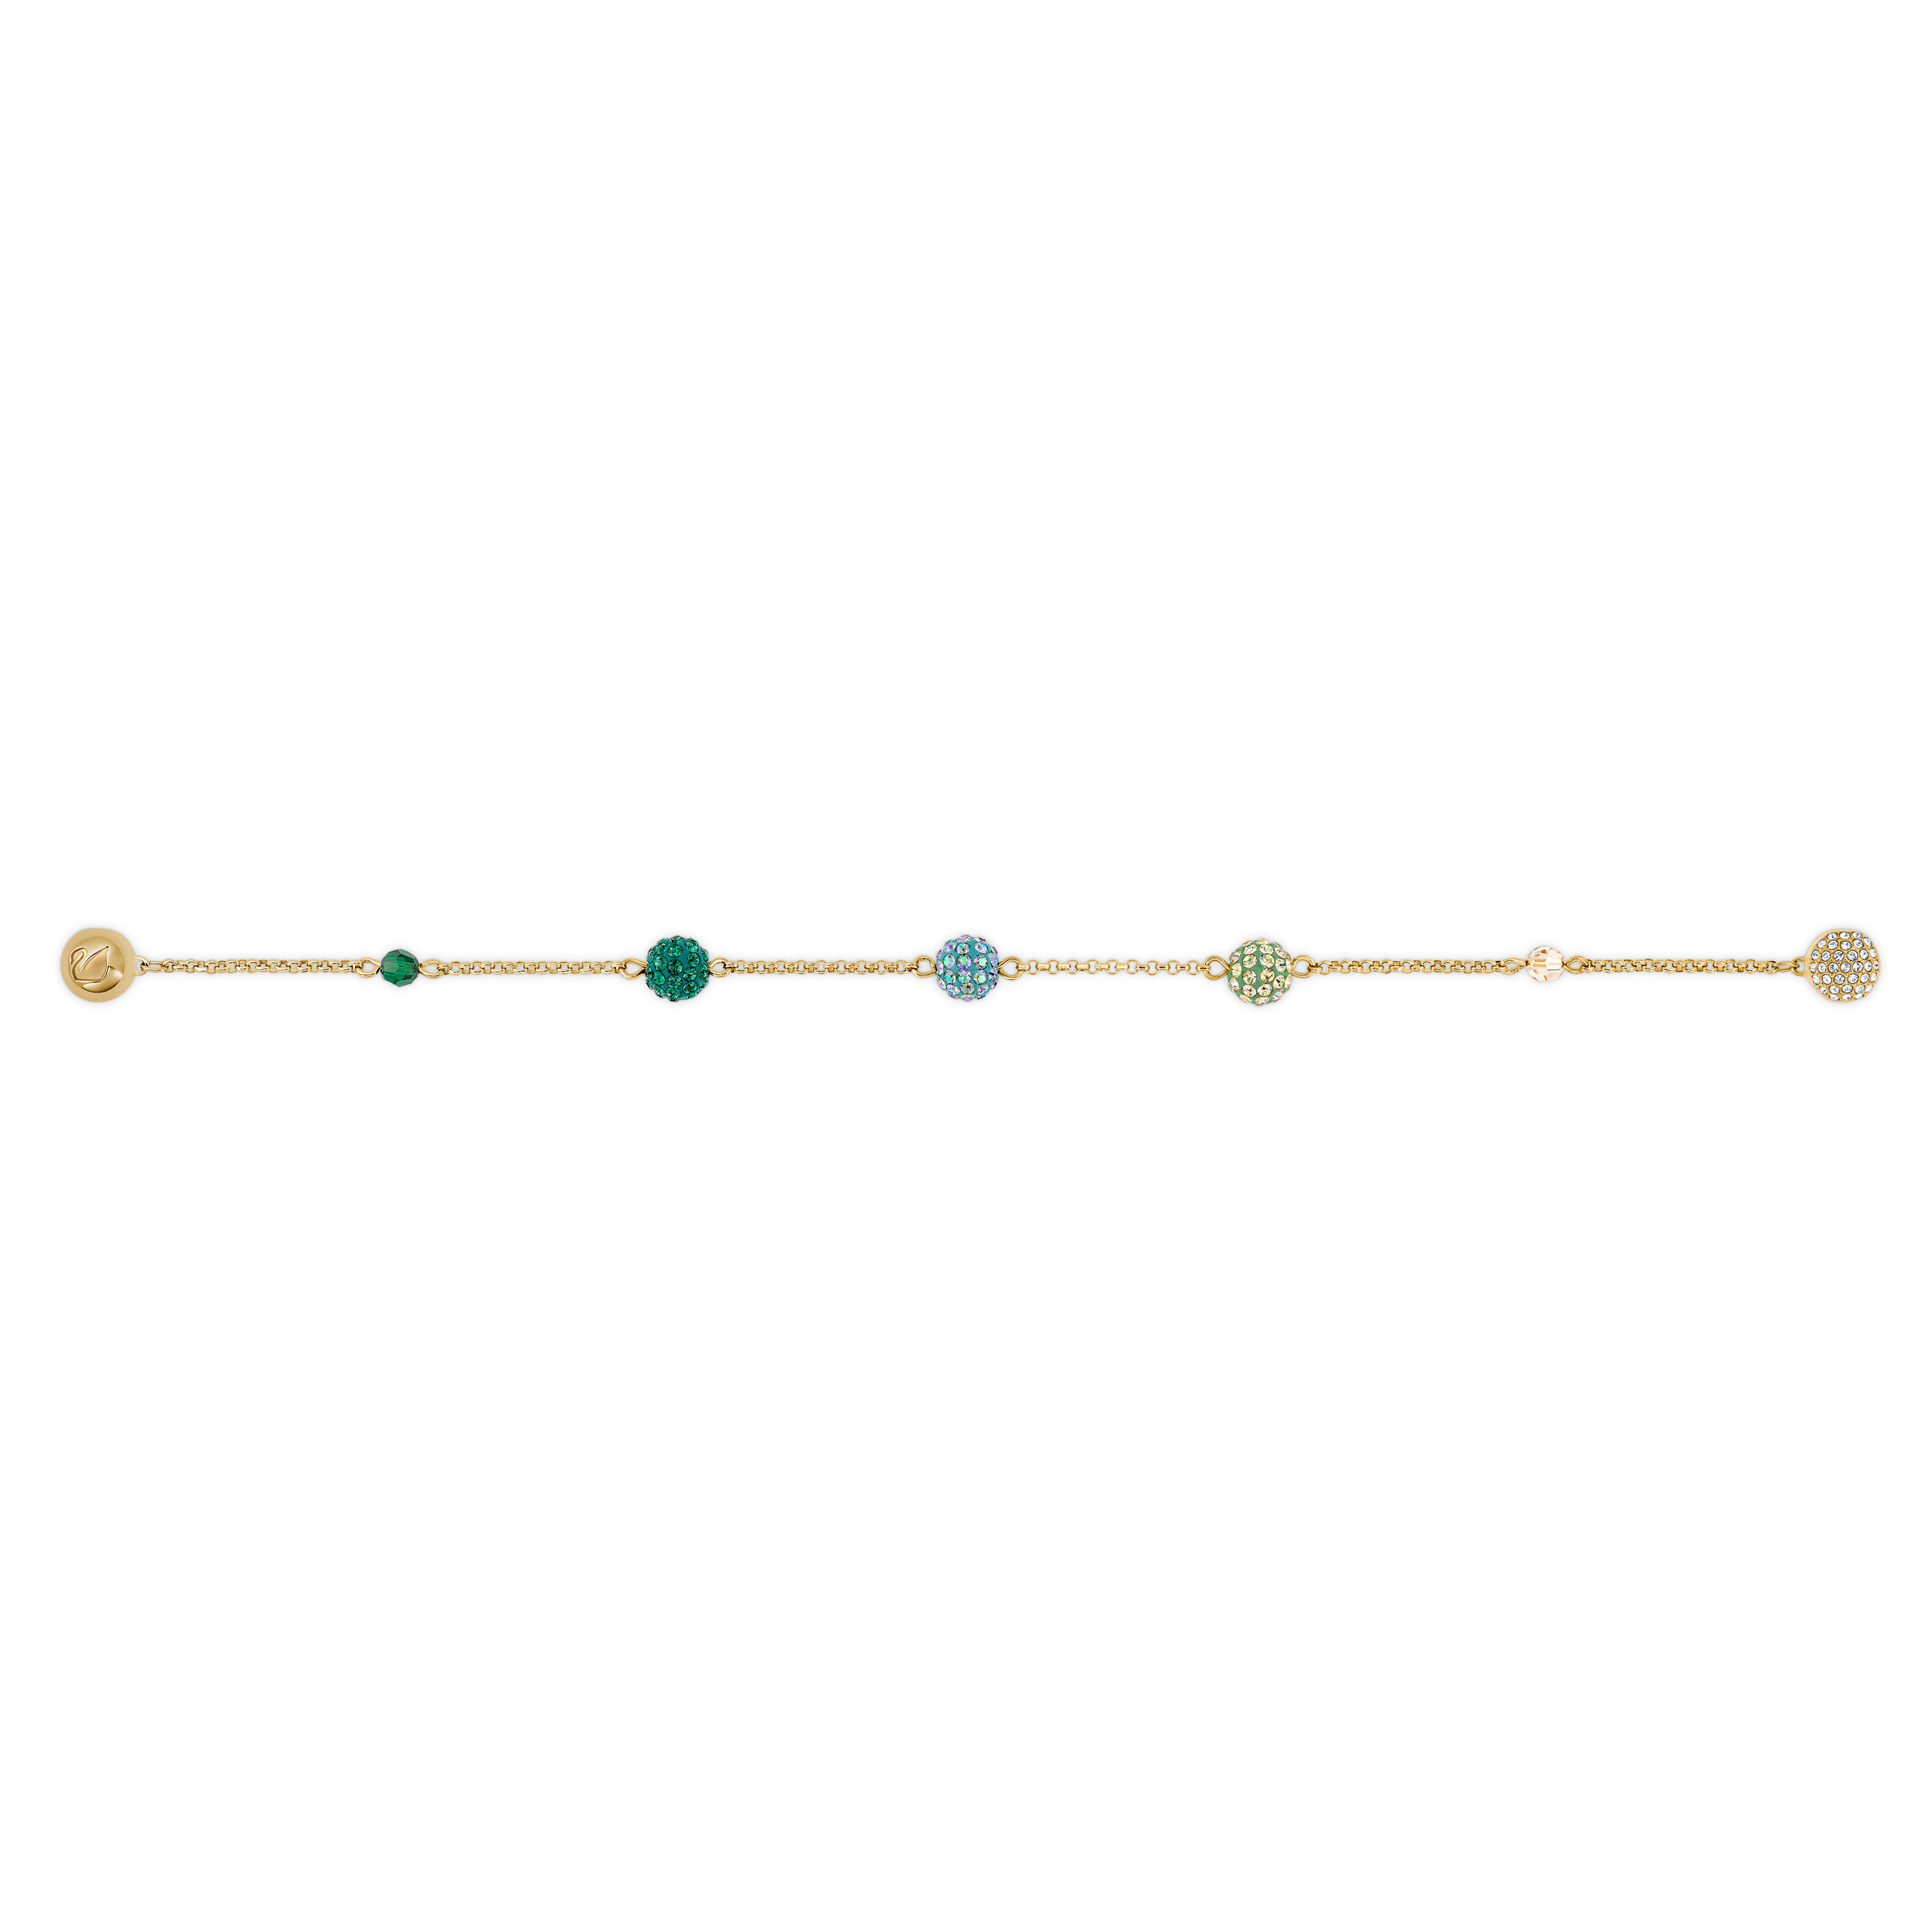 سوار حامل لكرات Pop من مجموعة Swarovski Remix، أخضر اللون، مطلي باللون الذهبي